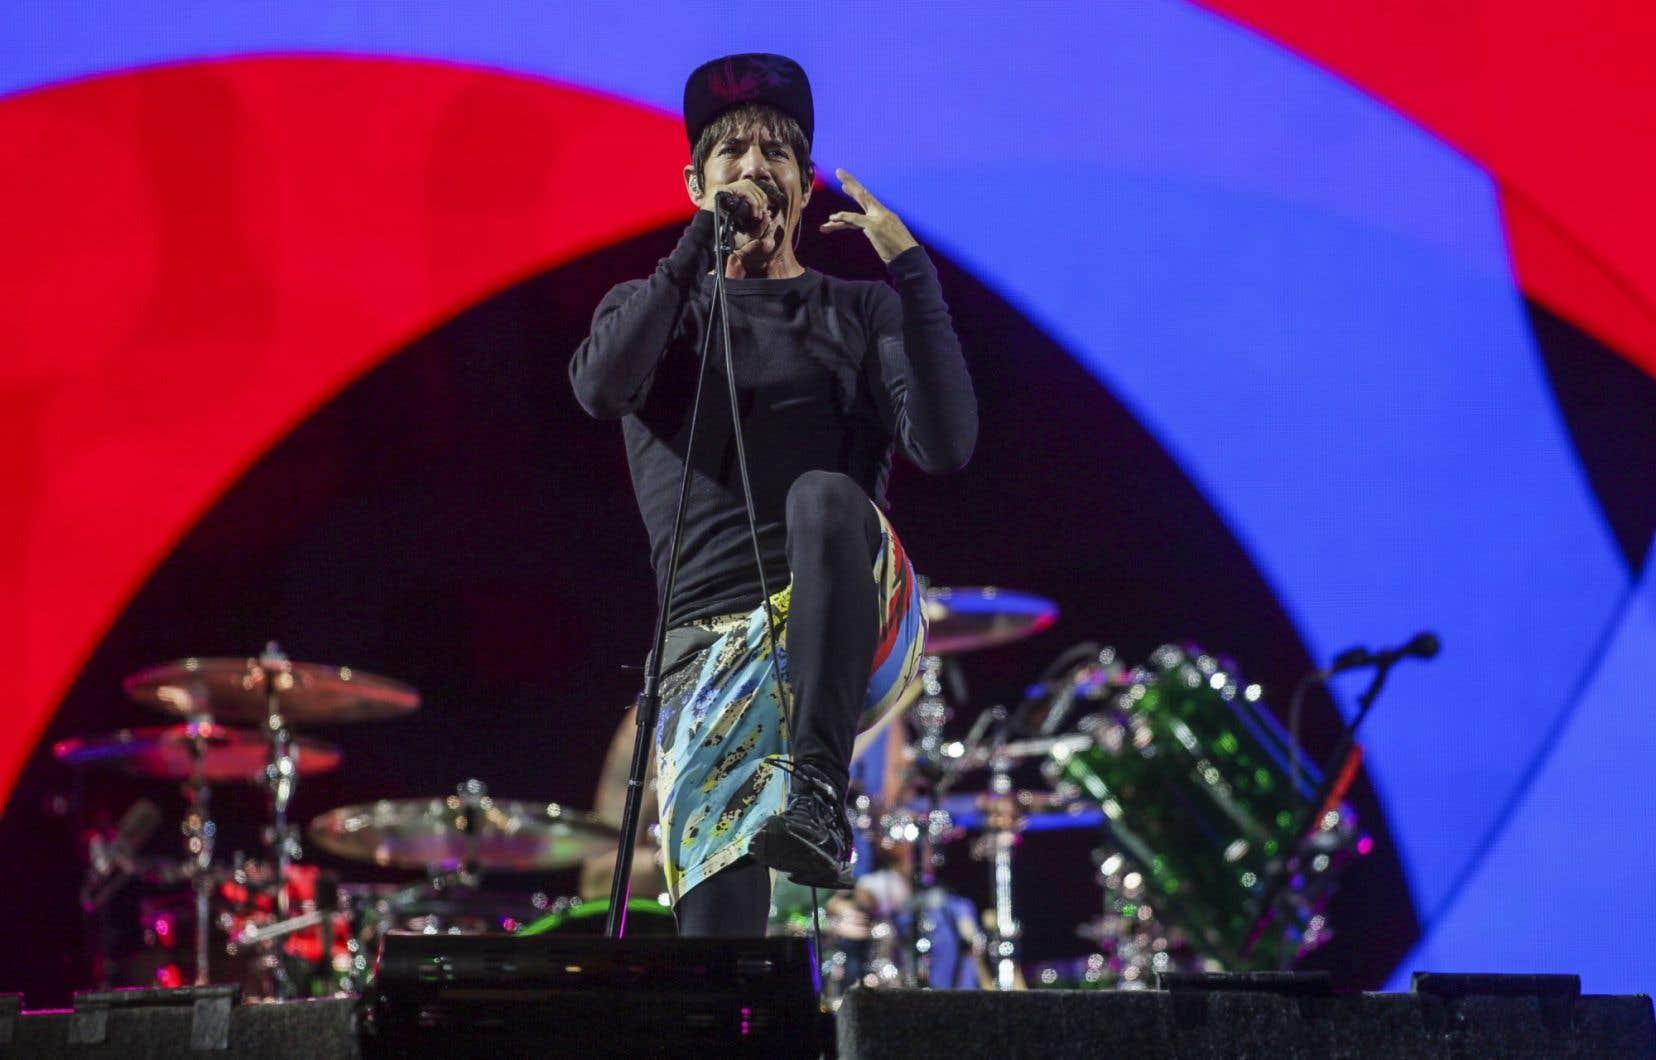 Le chanteur des Red Hot Chili Peppers,Anthony Keidis, dans ses bermudas de plage, ses collants et son chandail noirs, tout moustachu sous sa casquette